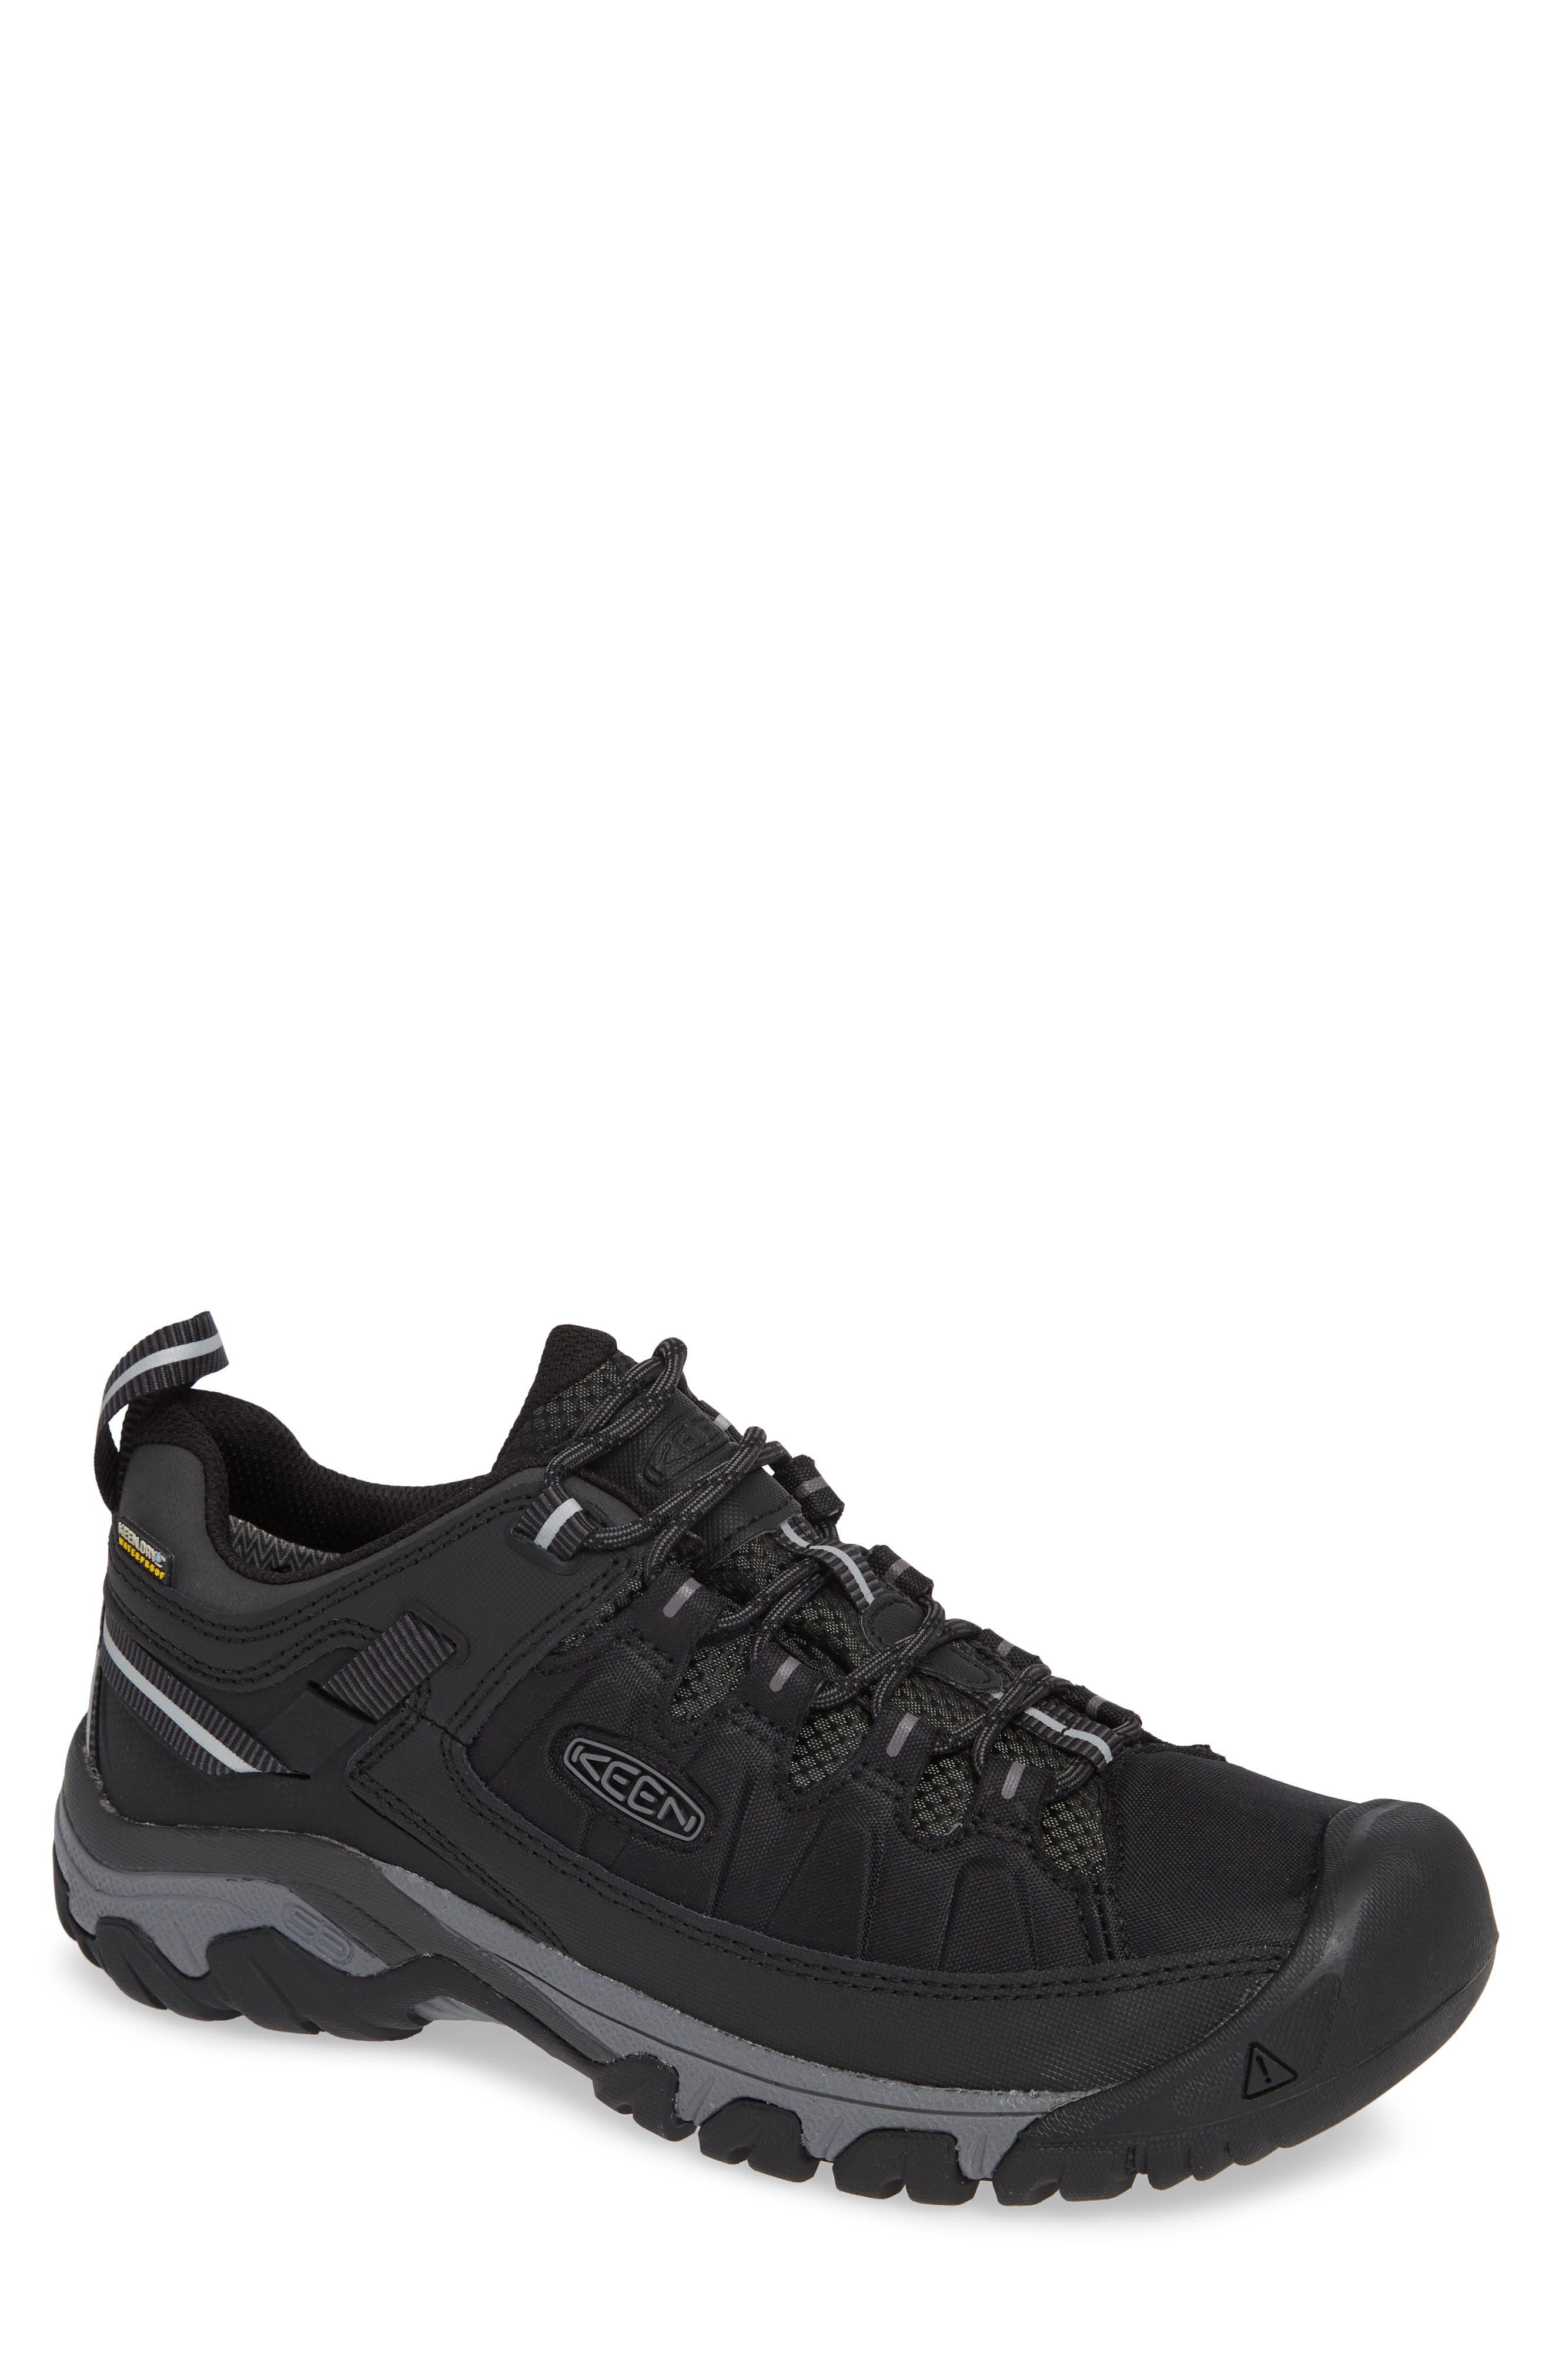 Targhee Exp Waterproof Hiking Shoe